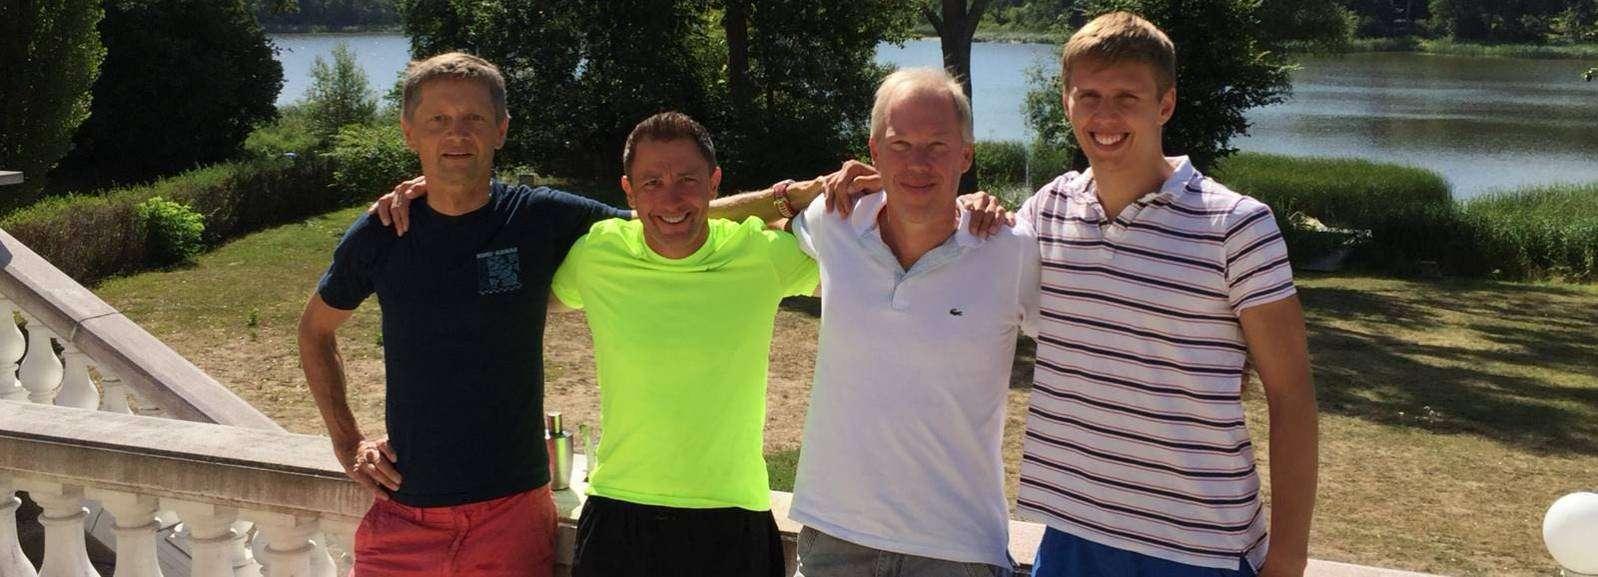 Jürgen Klindworth (von links), Matthias Berulla, Volker Colmsee und Lukas Schmidt haben sich den Strapazen einer Mitteldistanz im Triathlon bei hohen Temperaturen ausgesetzt.